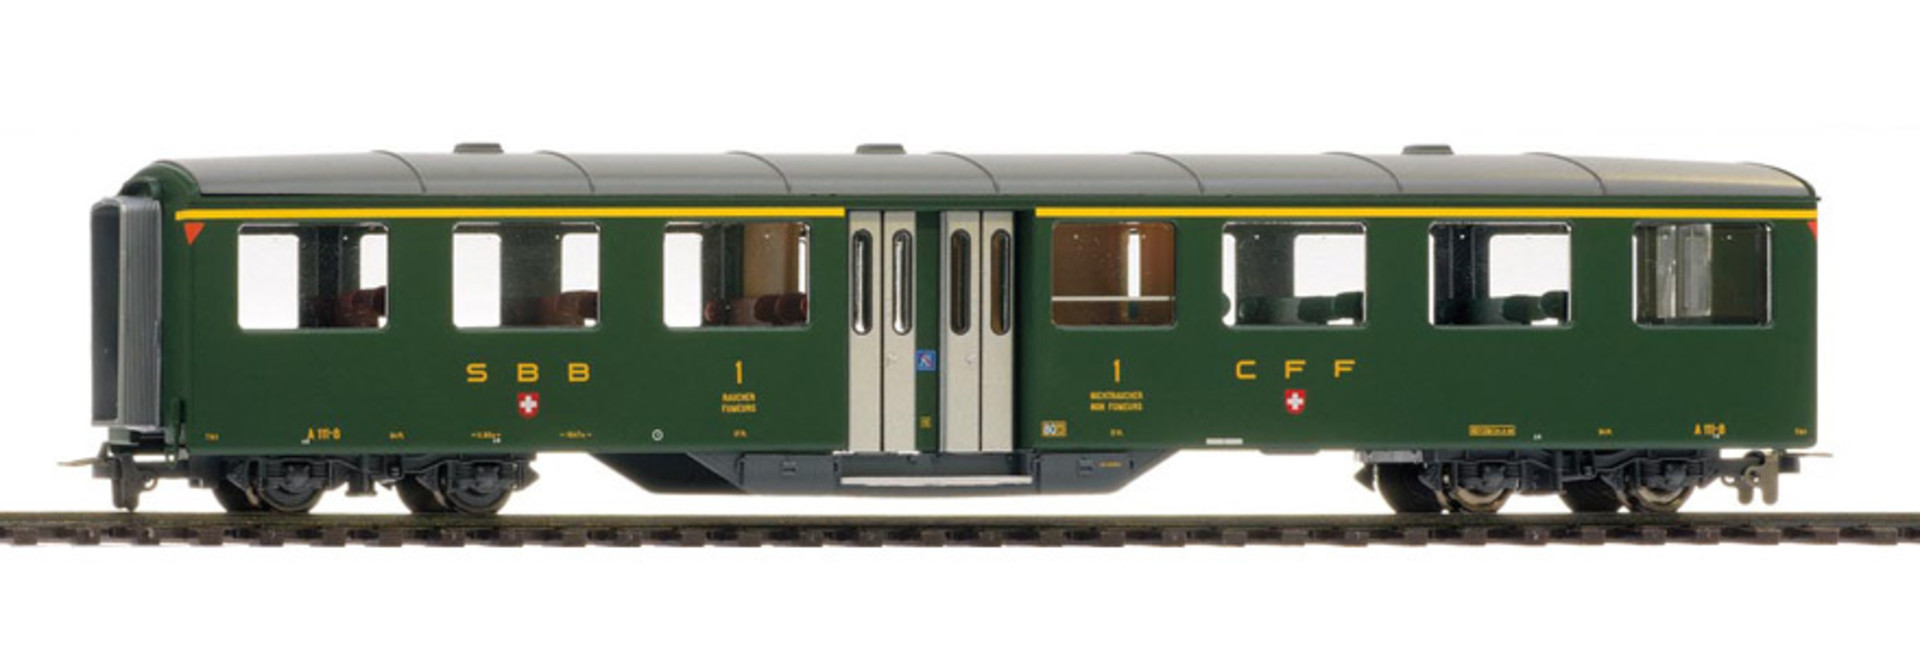 3259410 zb Historic A 111 Mitteleinstiegswagen grün